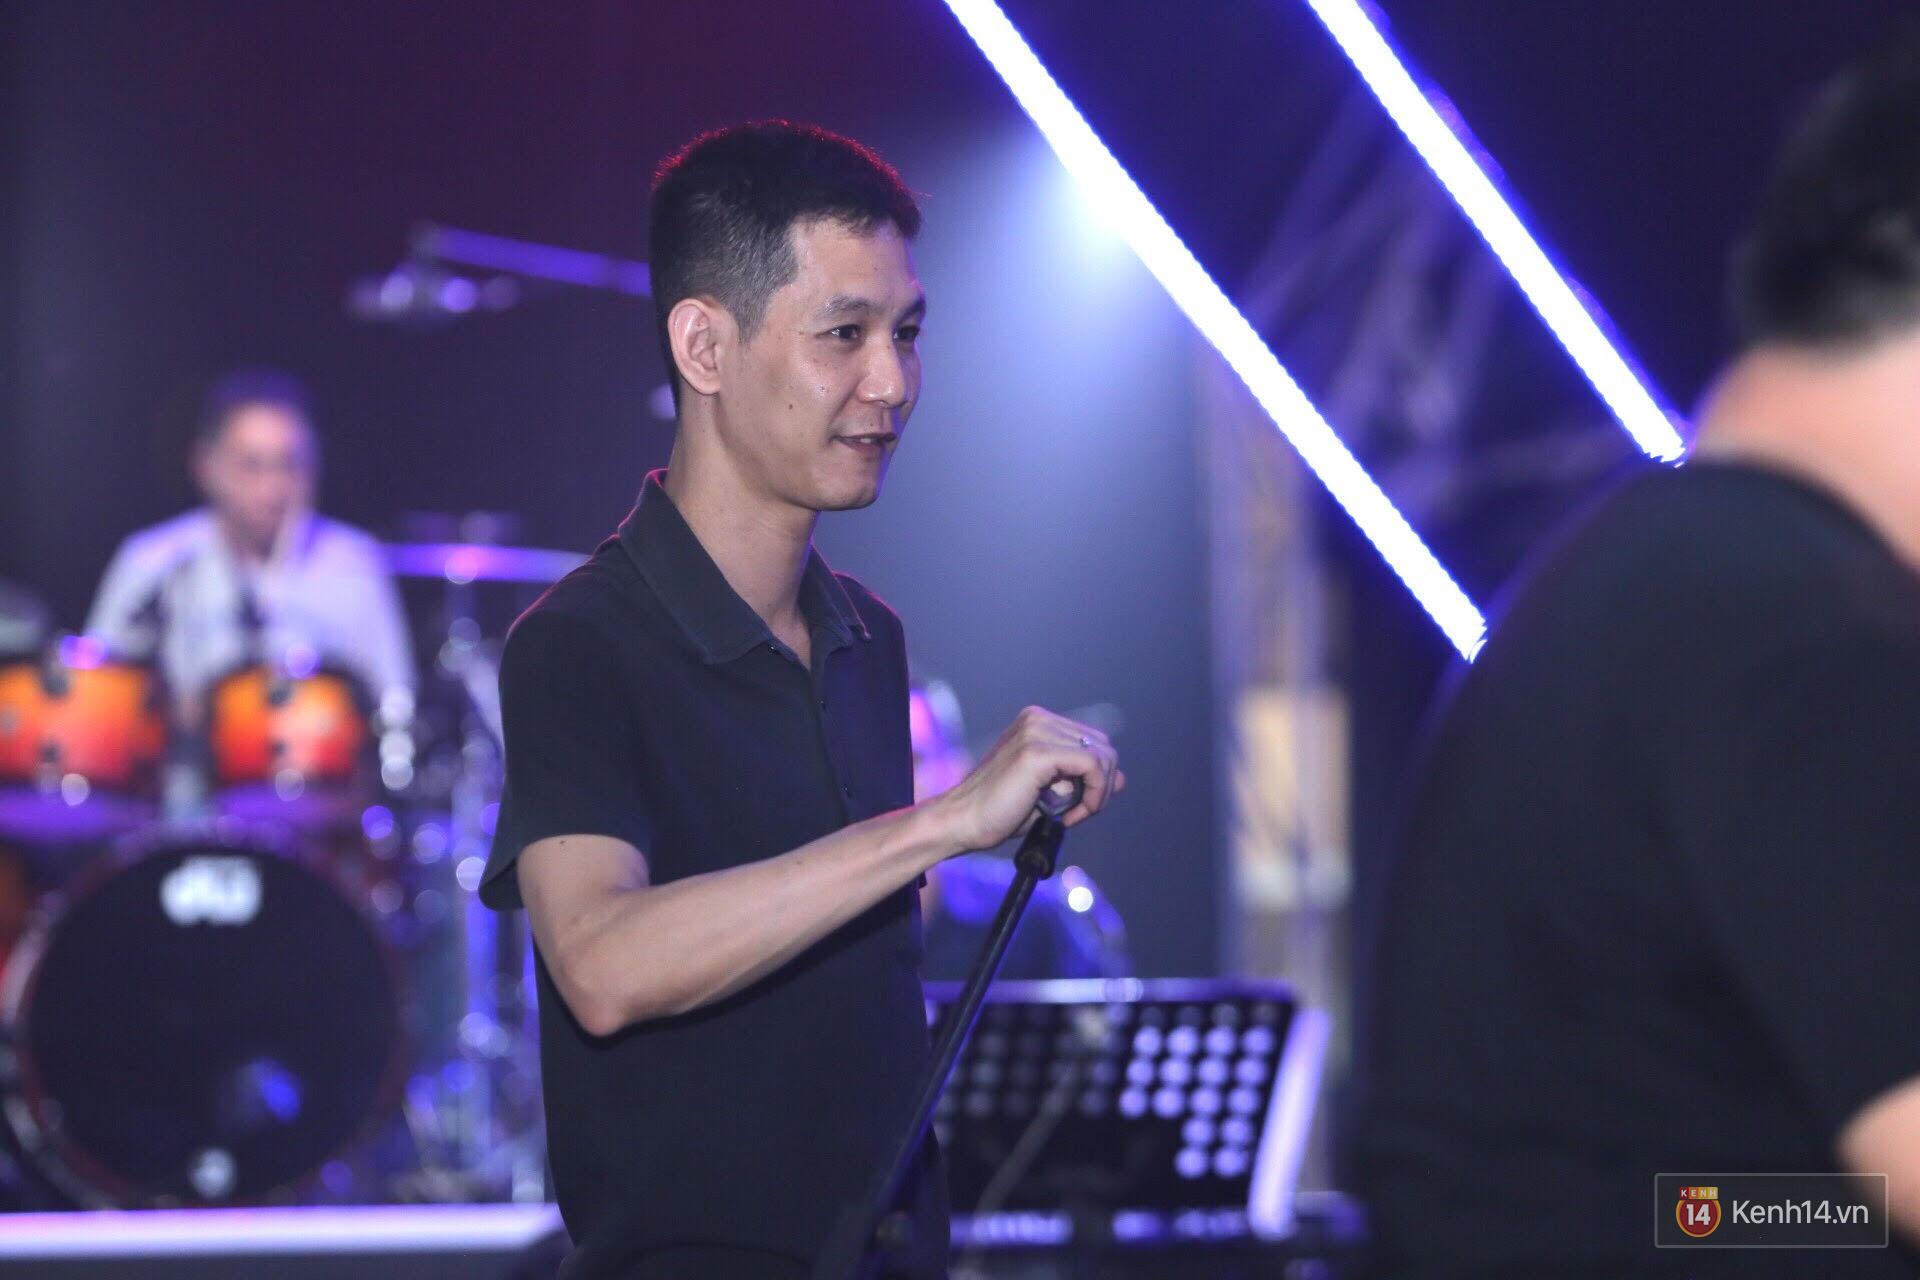 Diva Hồng Nhung gây xúc động, trình diễn như lên đồng tại buổi tổng duyệt Gala WeChoice Awards 2016 - Ảnh 11.